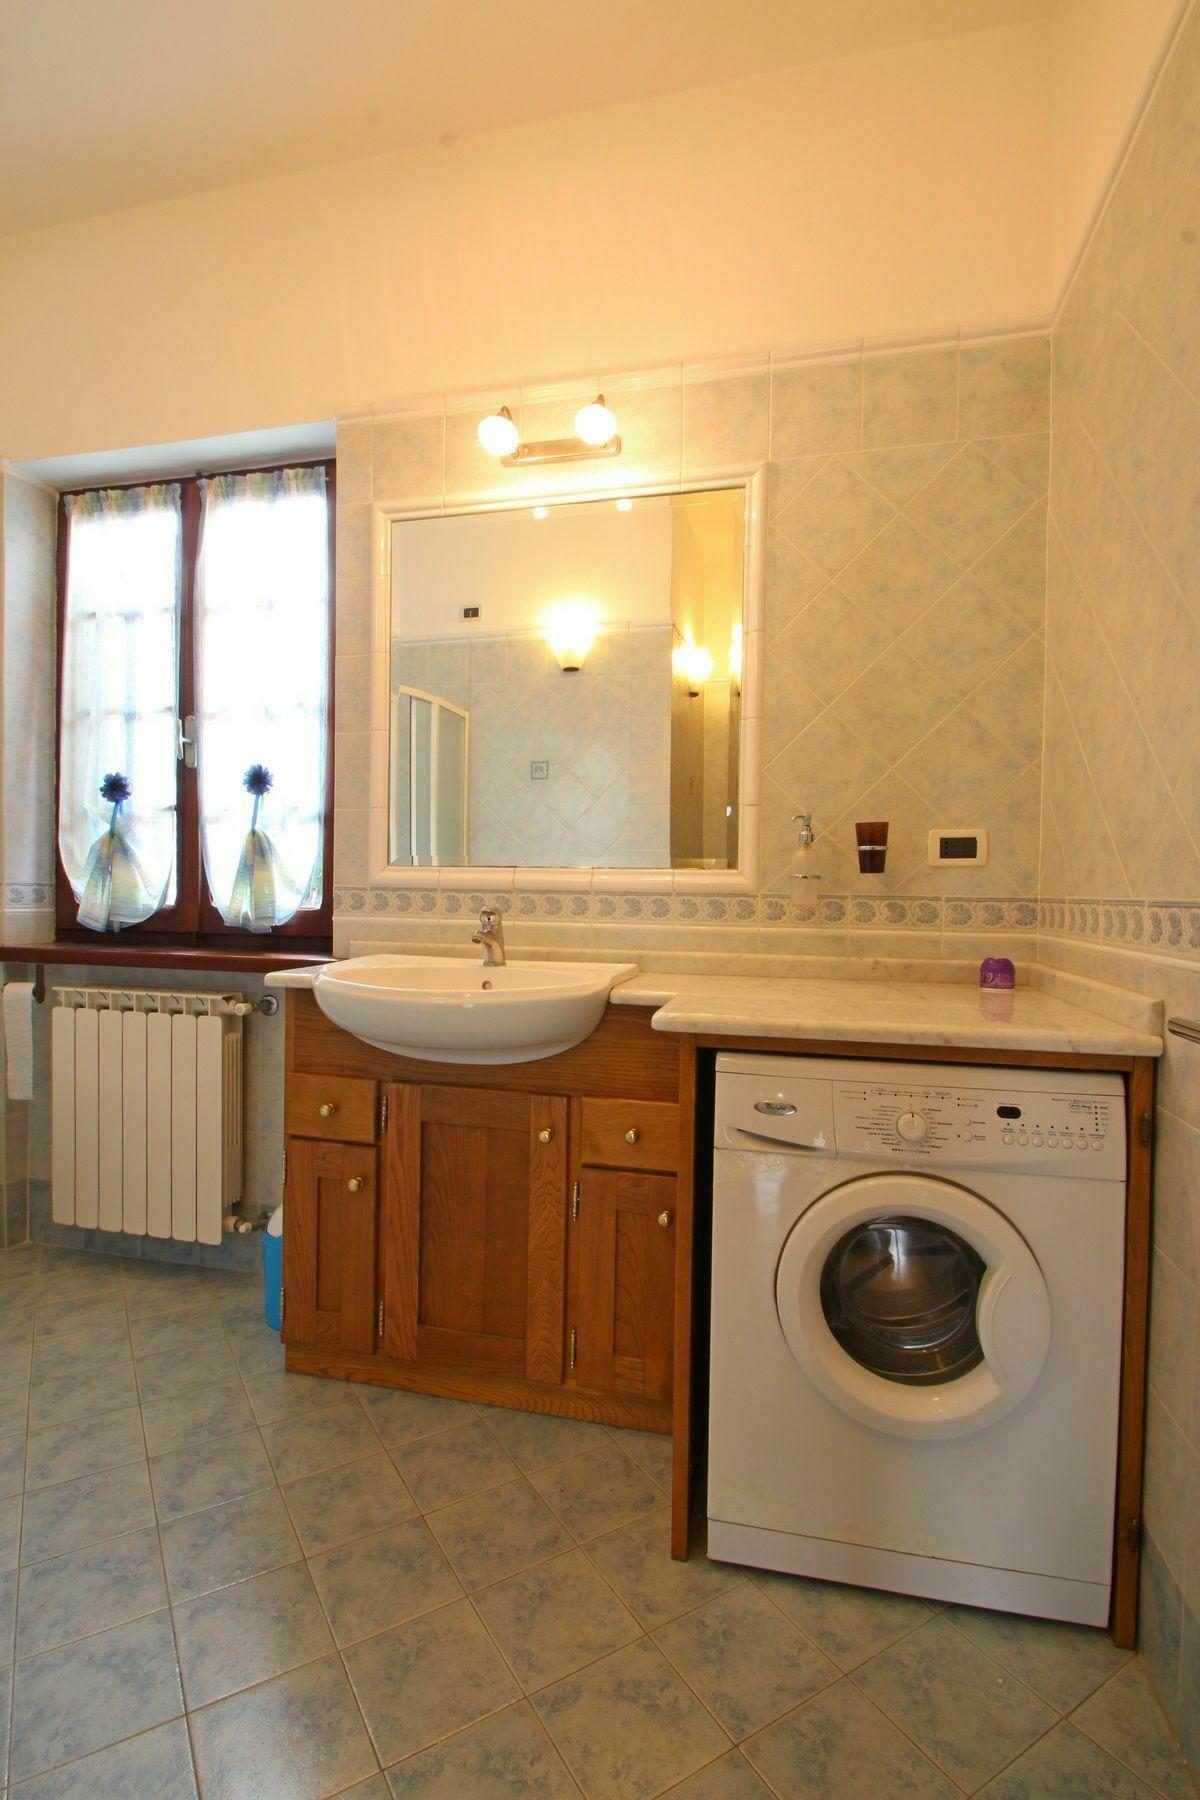 Casa eleonora casa vacanze con 5 posti letto in 2 camere - Piano casa toscana ...